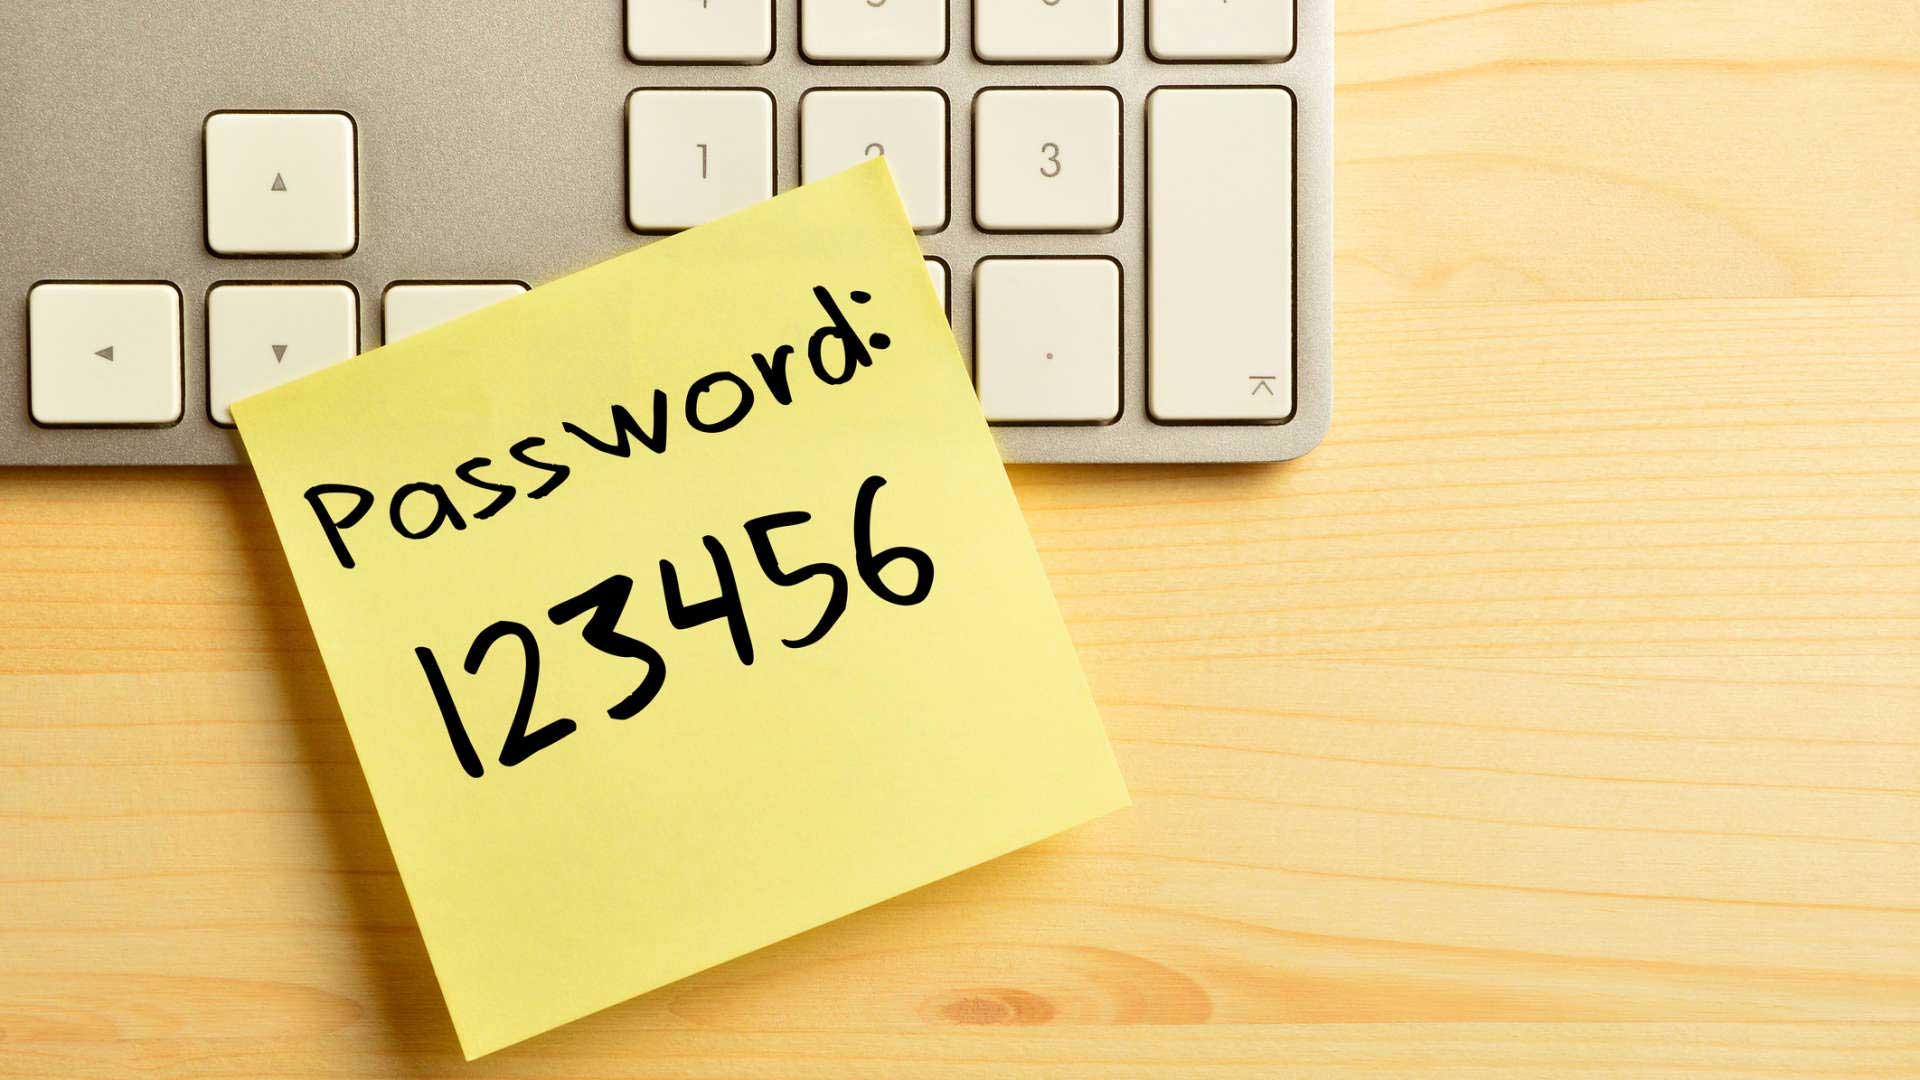 Как создать безопасный пароль: советы от практиков